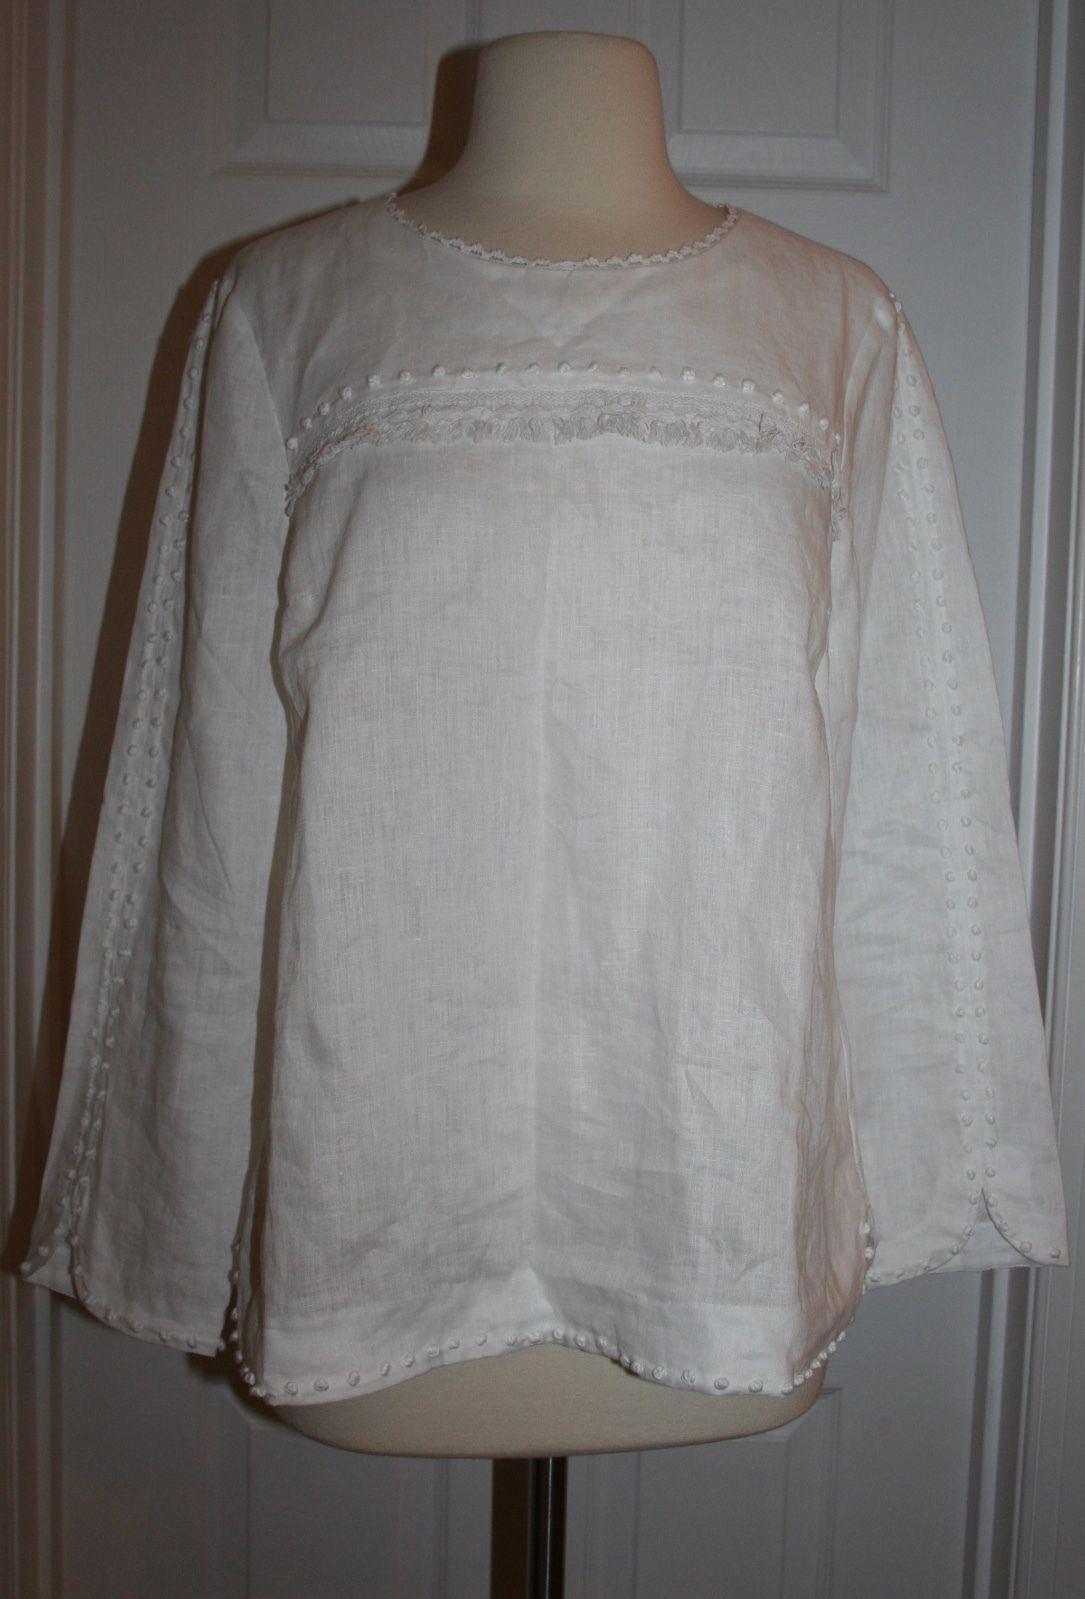 VTG PELLE Navy PELLE Navy PELLE blu Uomo's Sweater Cotton Blend Graphic Cool Cat Size XL 66906d